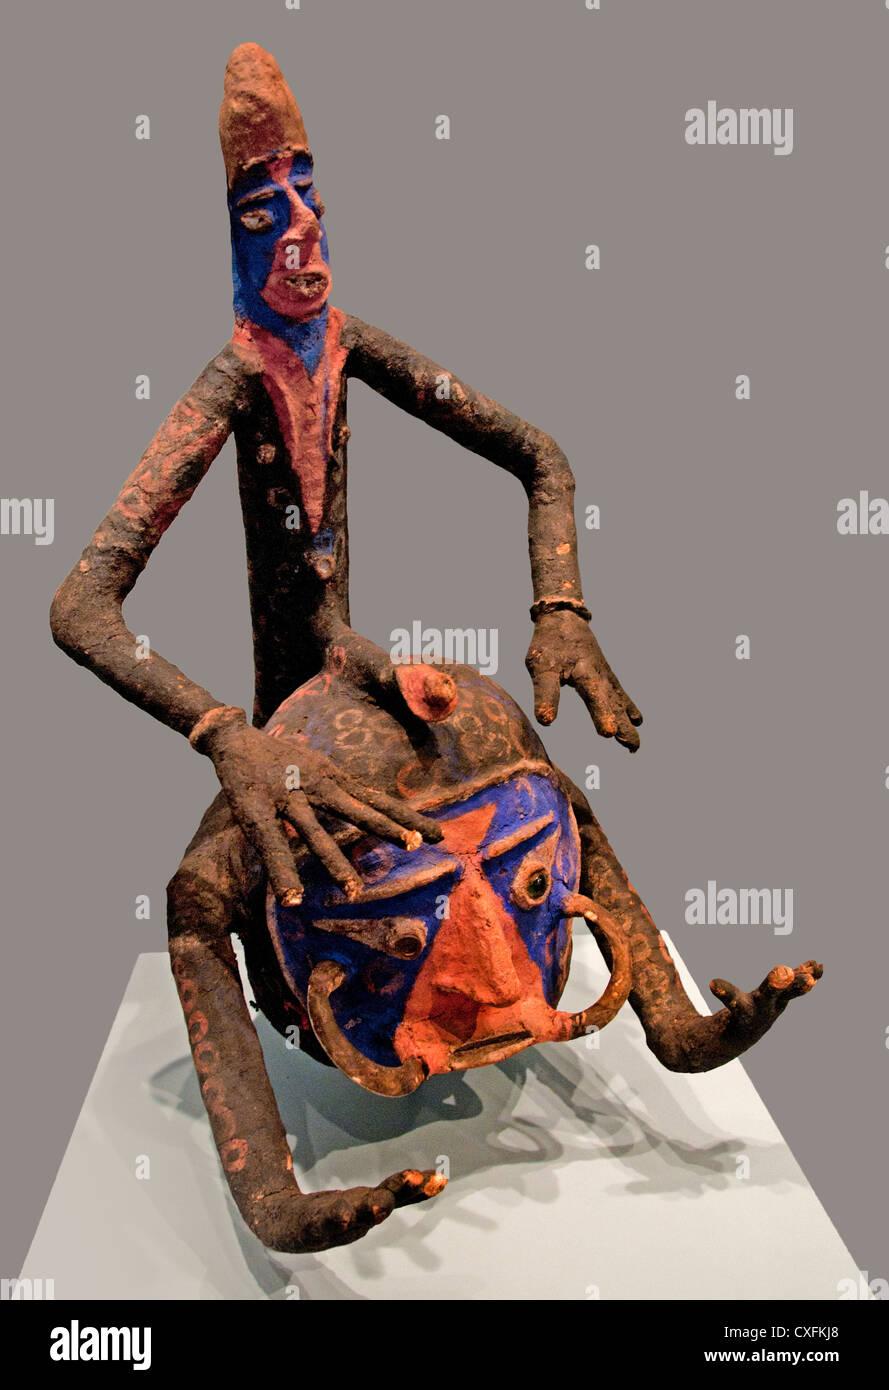 Helmet Mask Temes Mbalmbal mid-20th century  Vanuatu Southwest Malakula  Wood vegetable fiber pig tusks glass metal - Stock Image